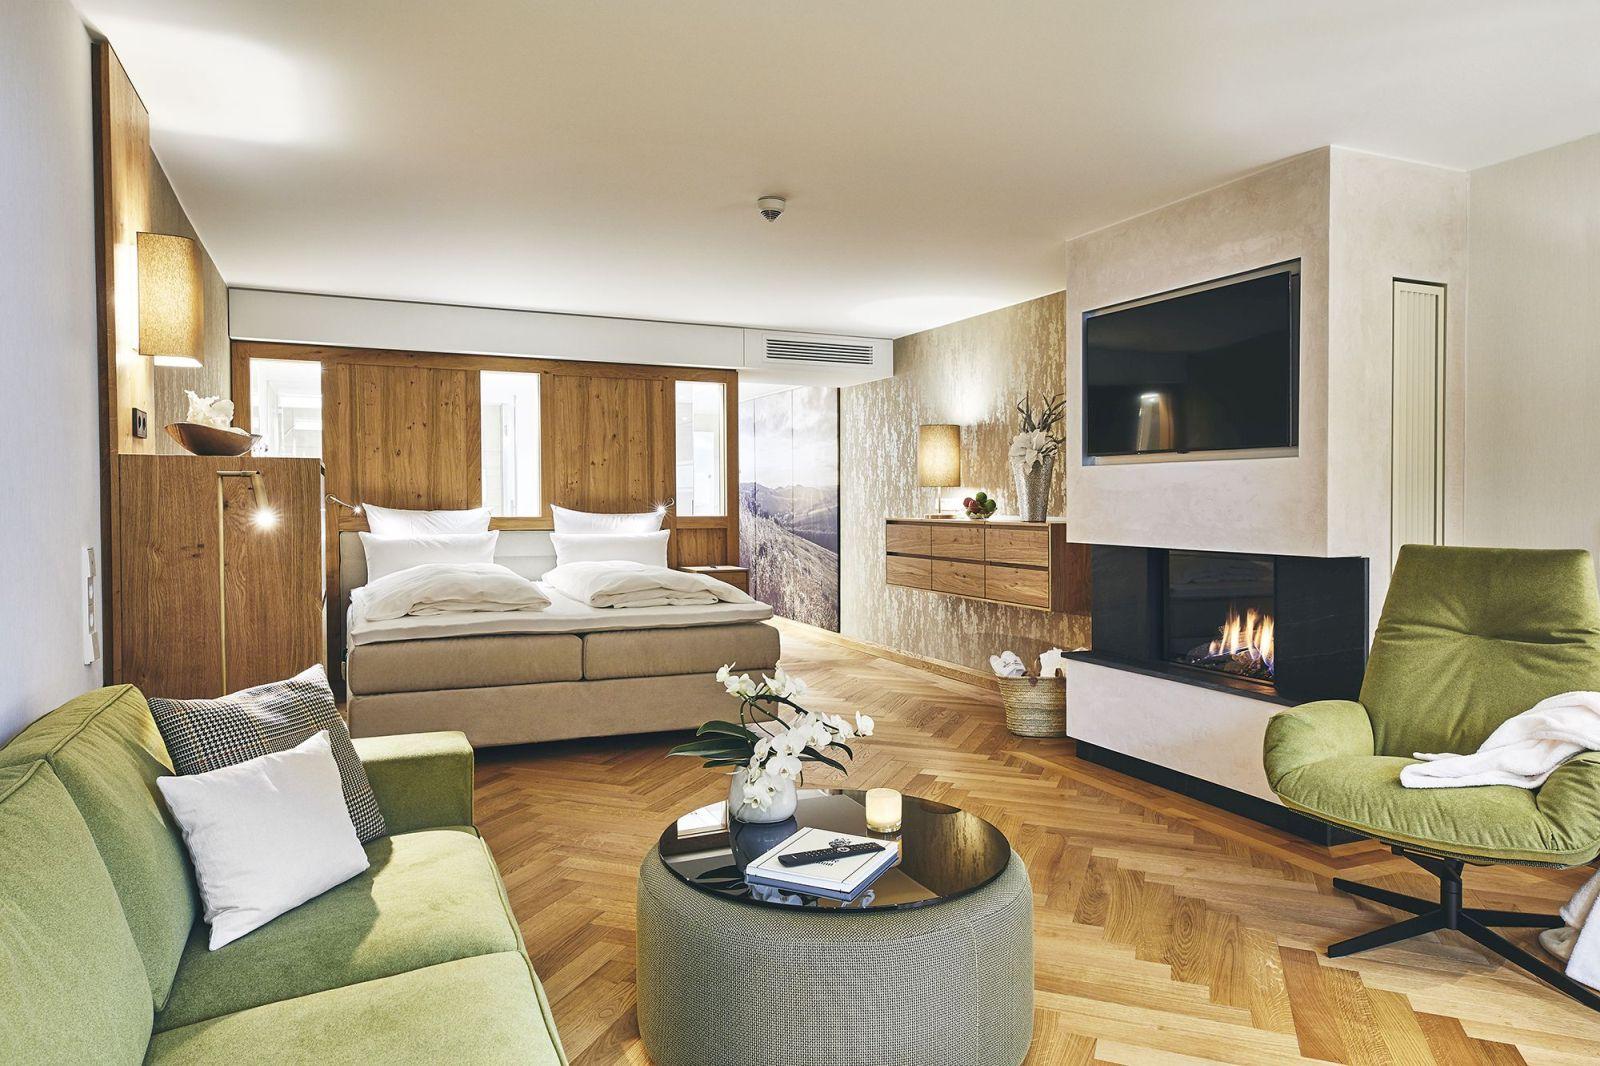 Juniorsuite im Sorpehaus mit Doppelbett, Sitzgruppe und Elektro-Kamin